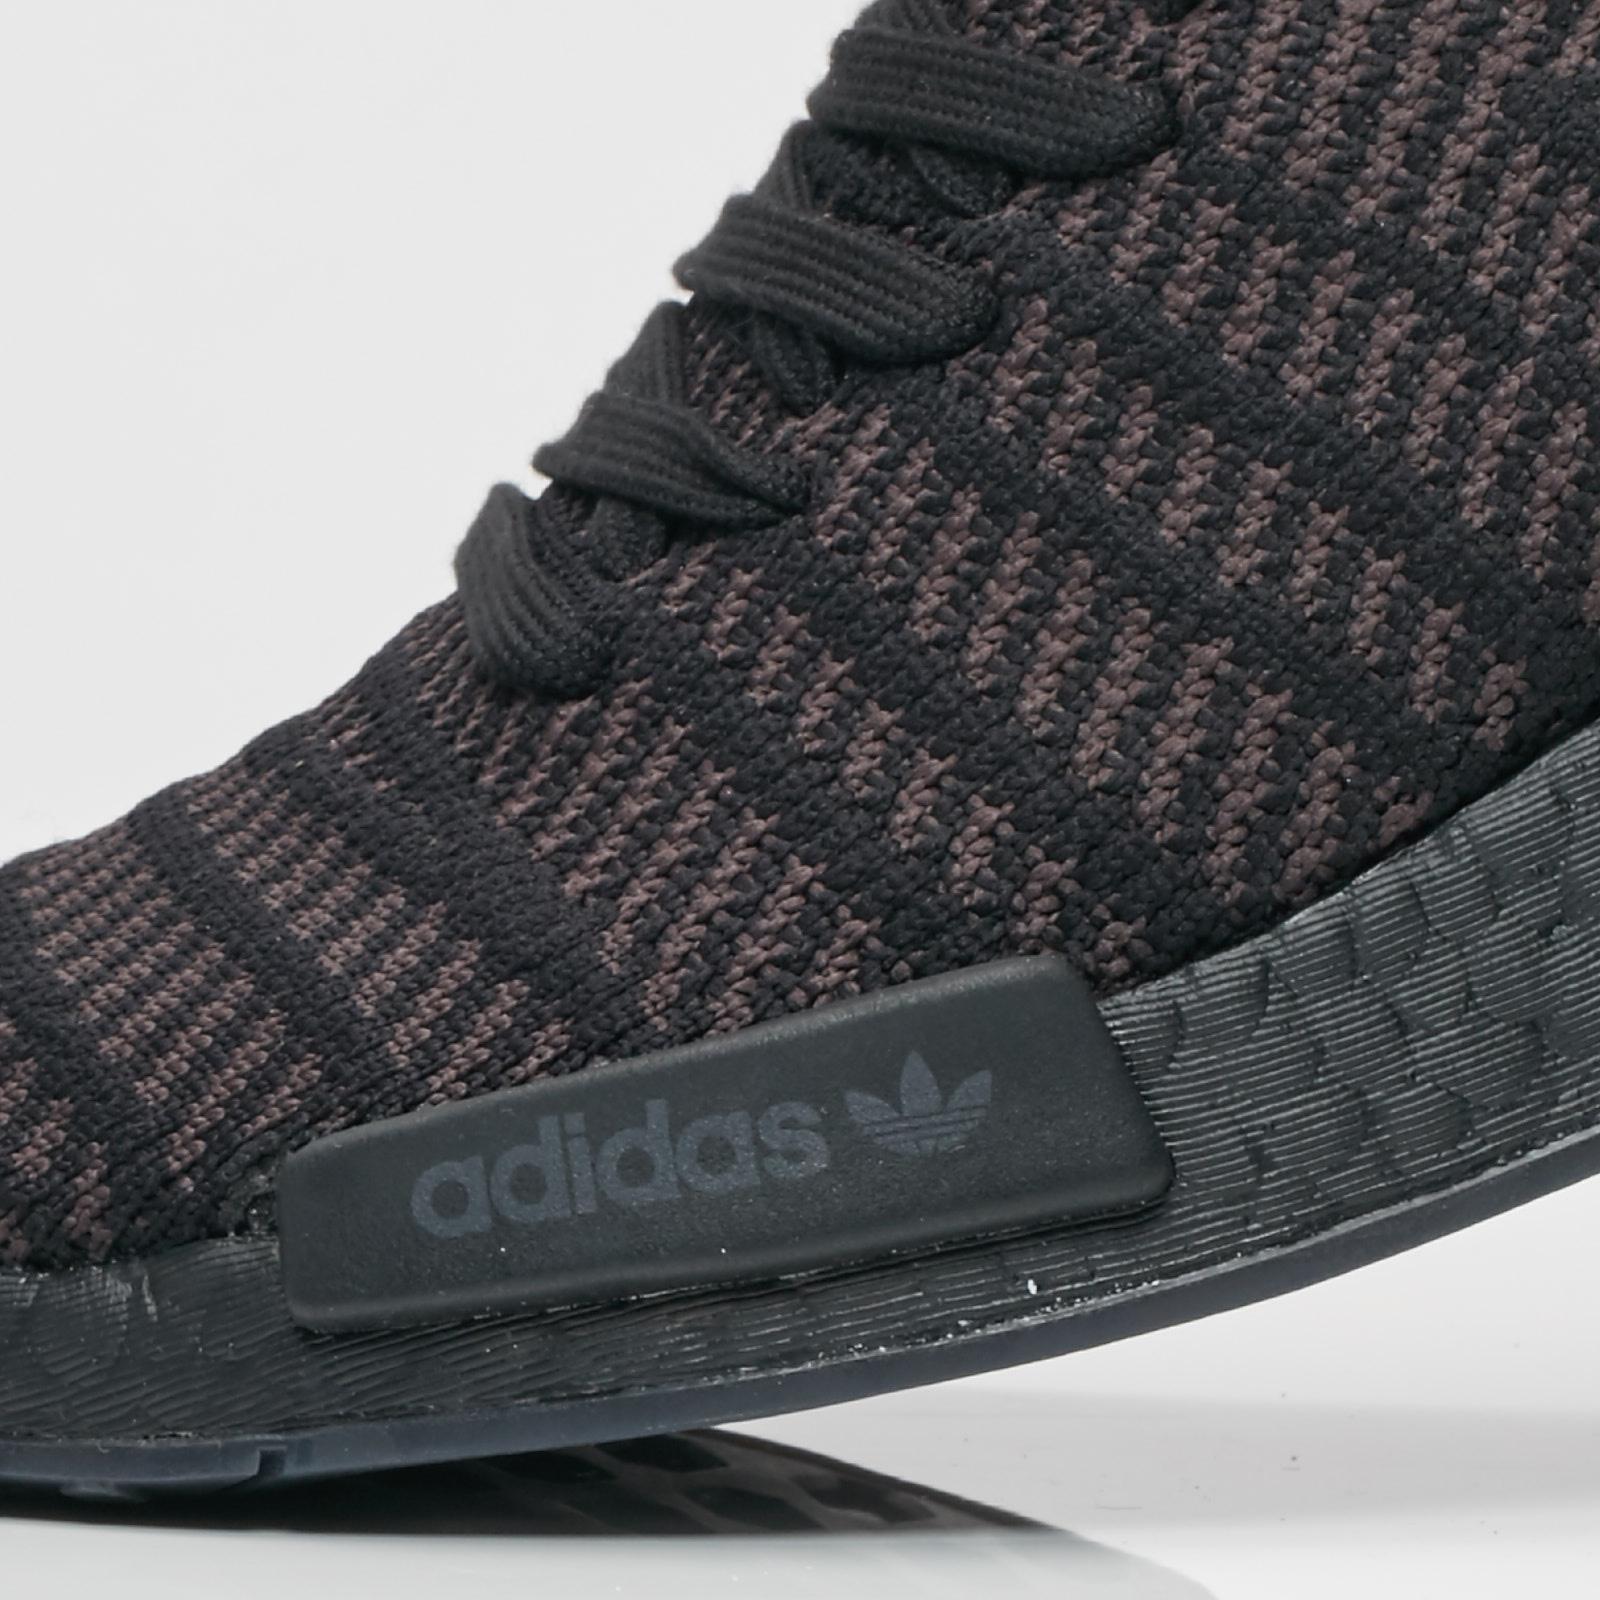 adidas NMD R1 Stlt PK - Cq2391 - Sneakersnstuff  d1a06bc5f467